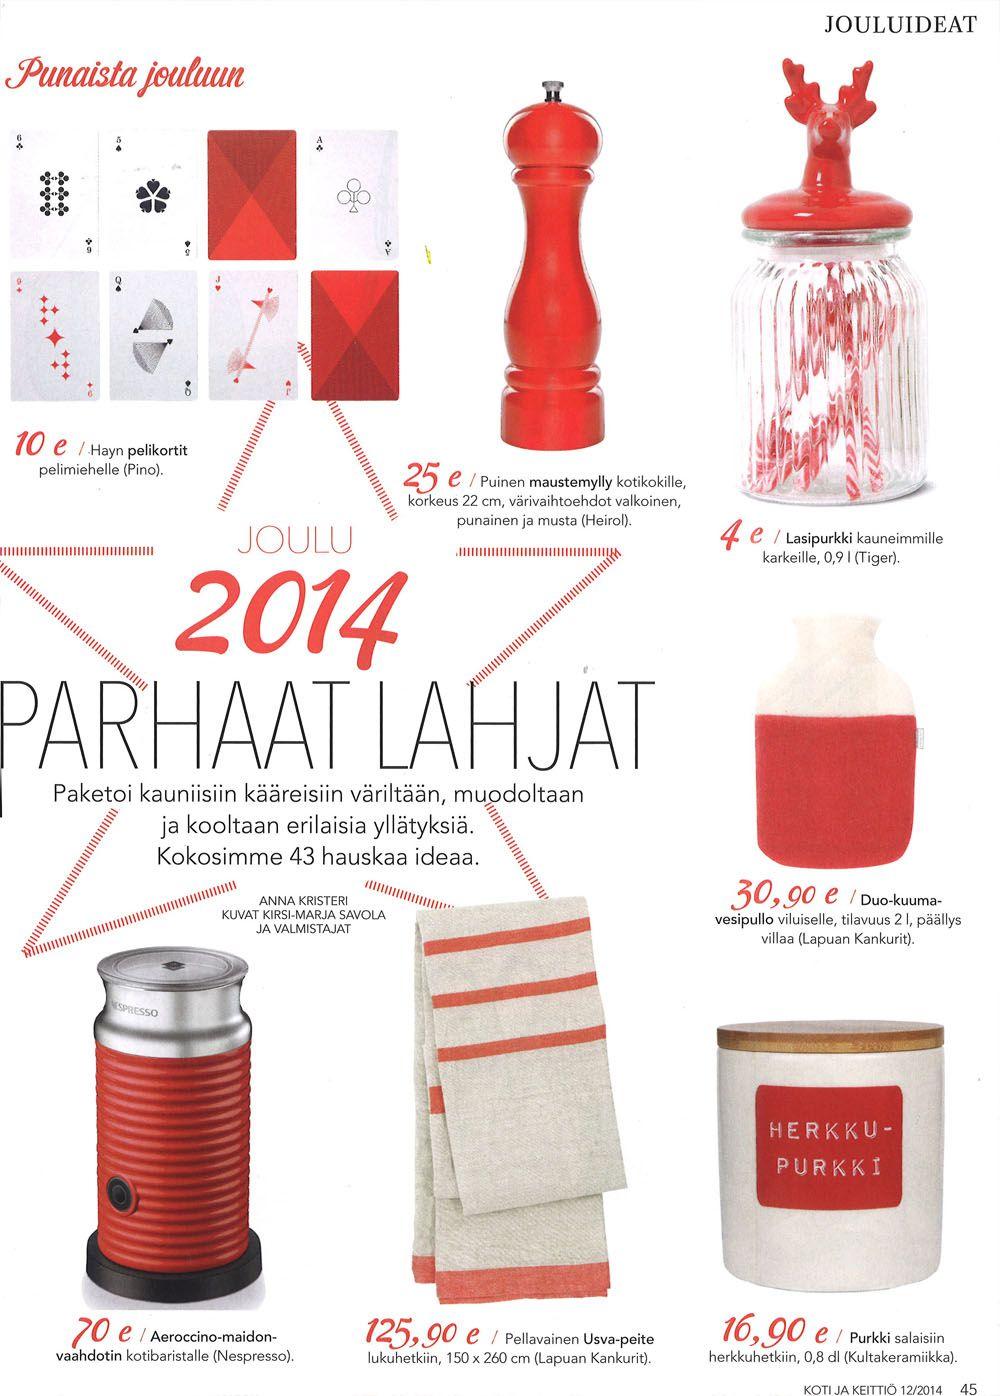 Kaunis punainen maustemylly on ihana lahja josta on iloa pitkään!  Lehti: Koti ja keittiö 12/2014